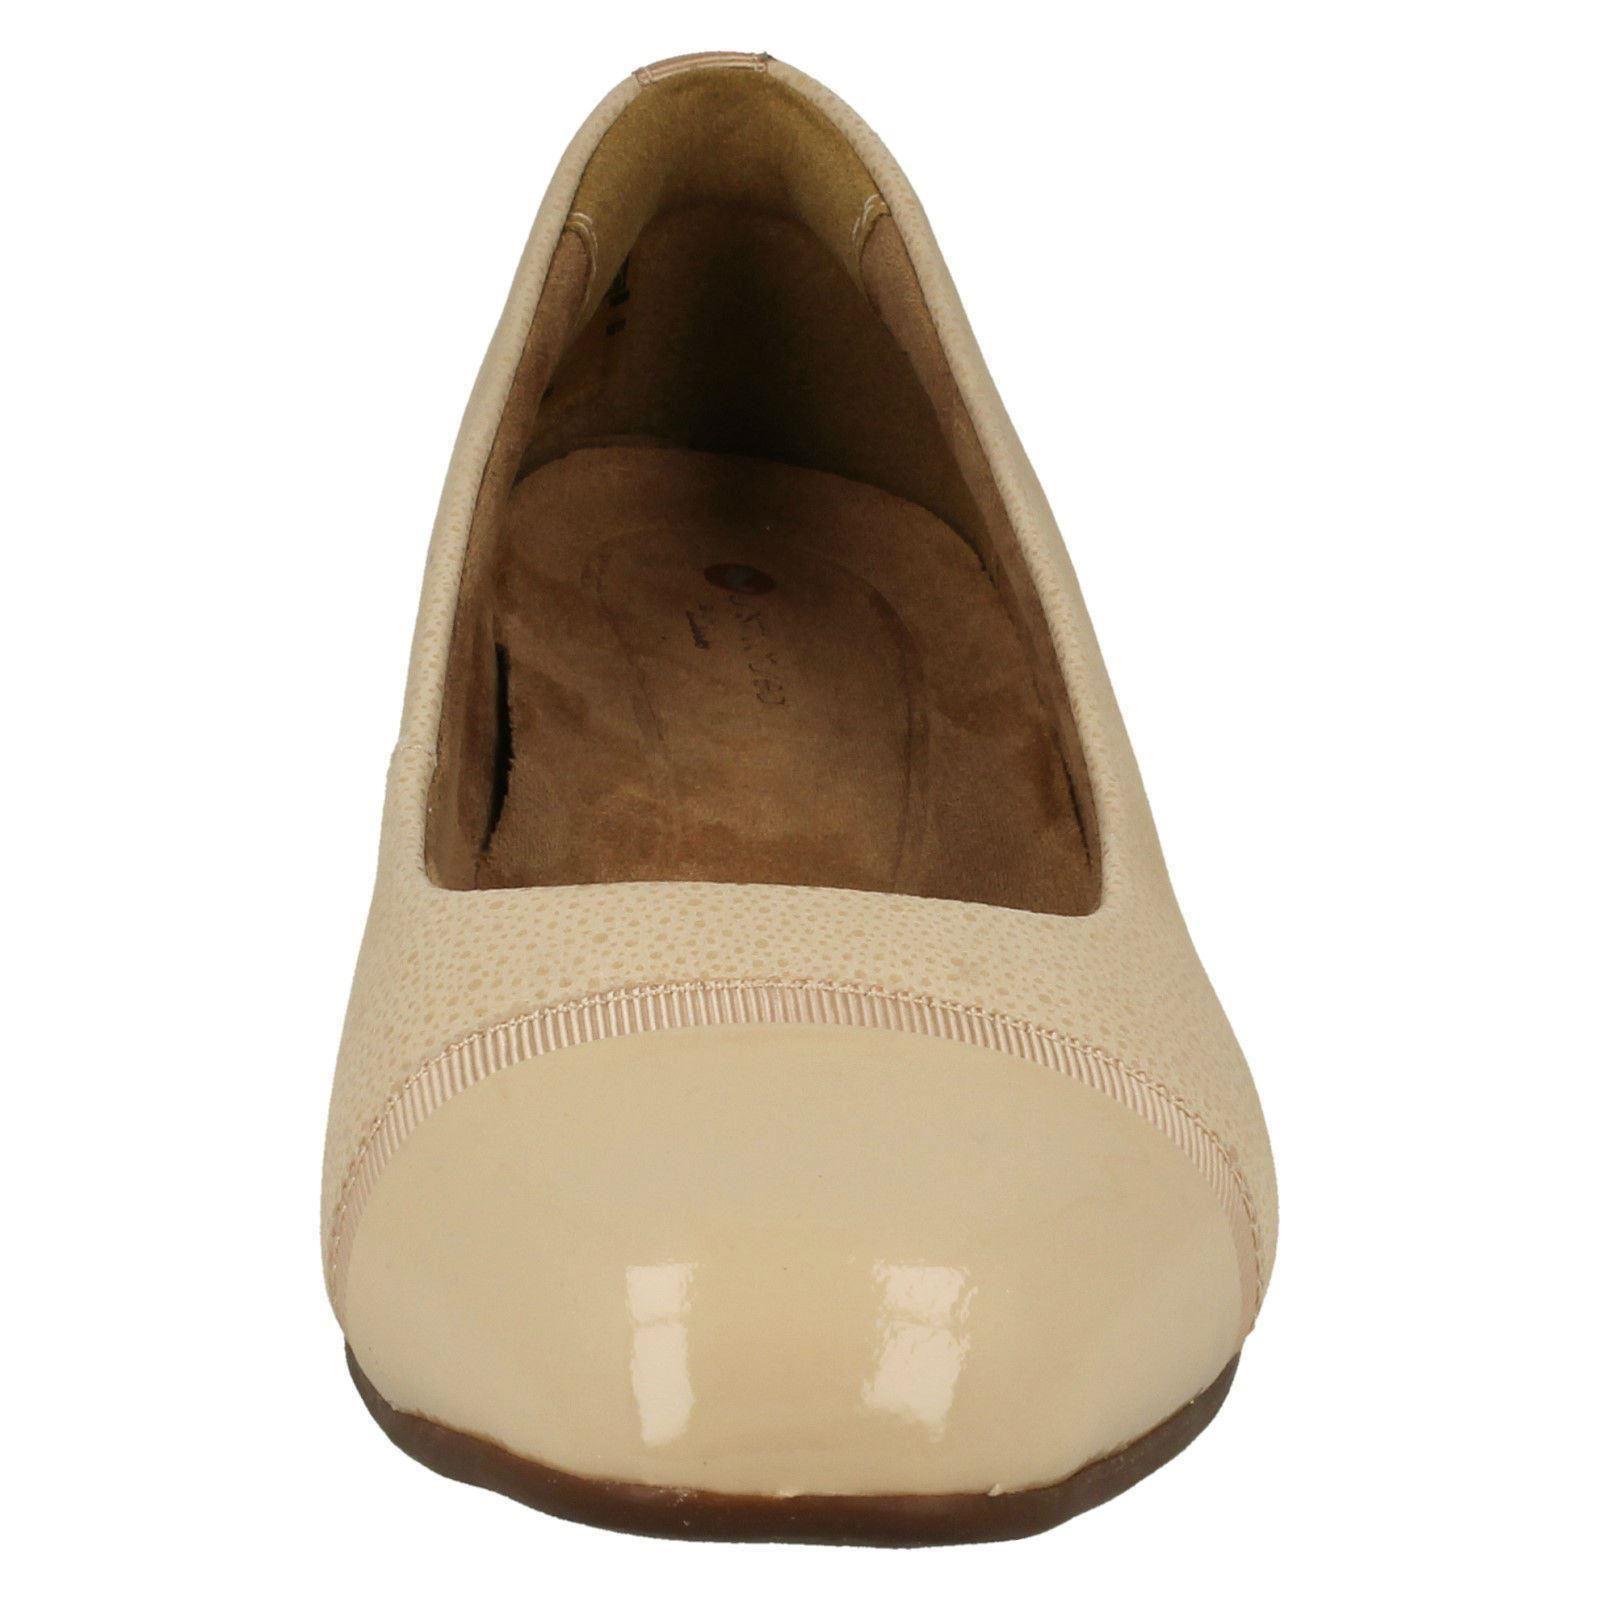 Damen-Clarks-Slipper-Leder-Ballerina-Stil-Flache-Keesha-Rosa Indexbild 45